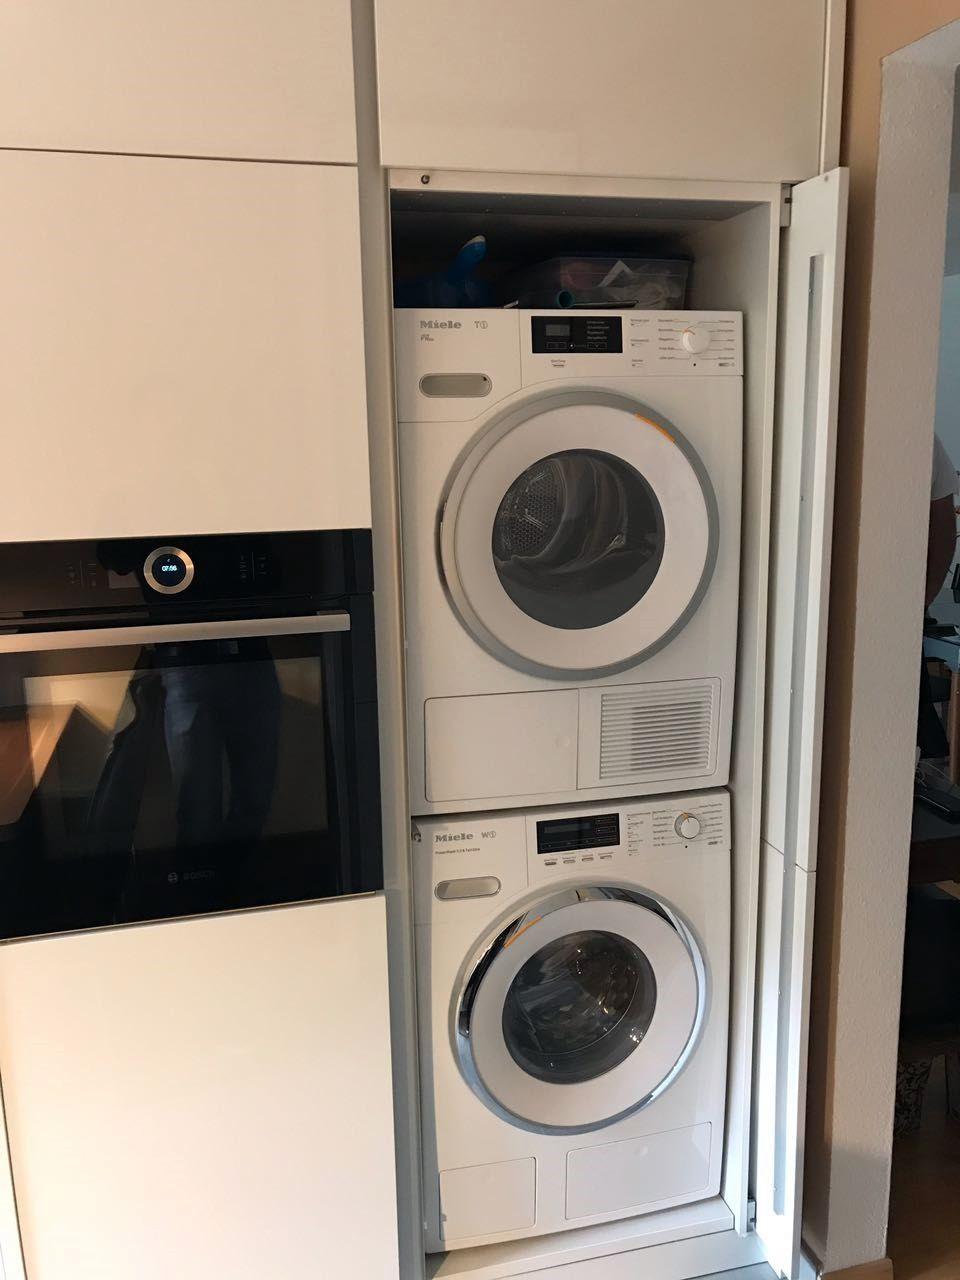 Wenn Man Die Kuche Betritt Befindet Sich Gleich Rechts In Der Ecke Der Waschmaschinen Einschubturenschrank In Waschmaschine Trockner Auf Waschmaschine Wasche